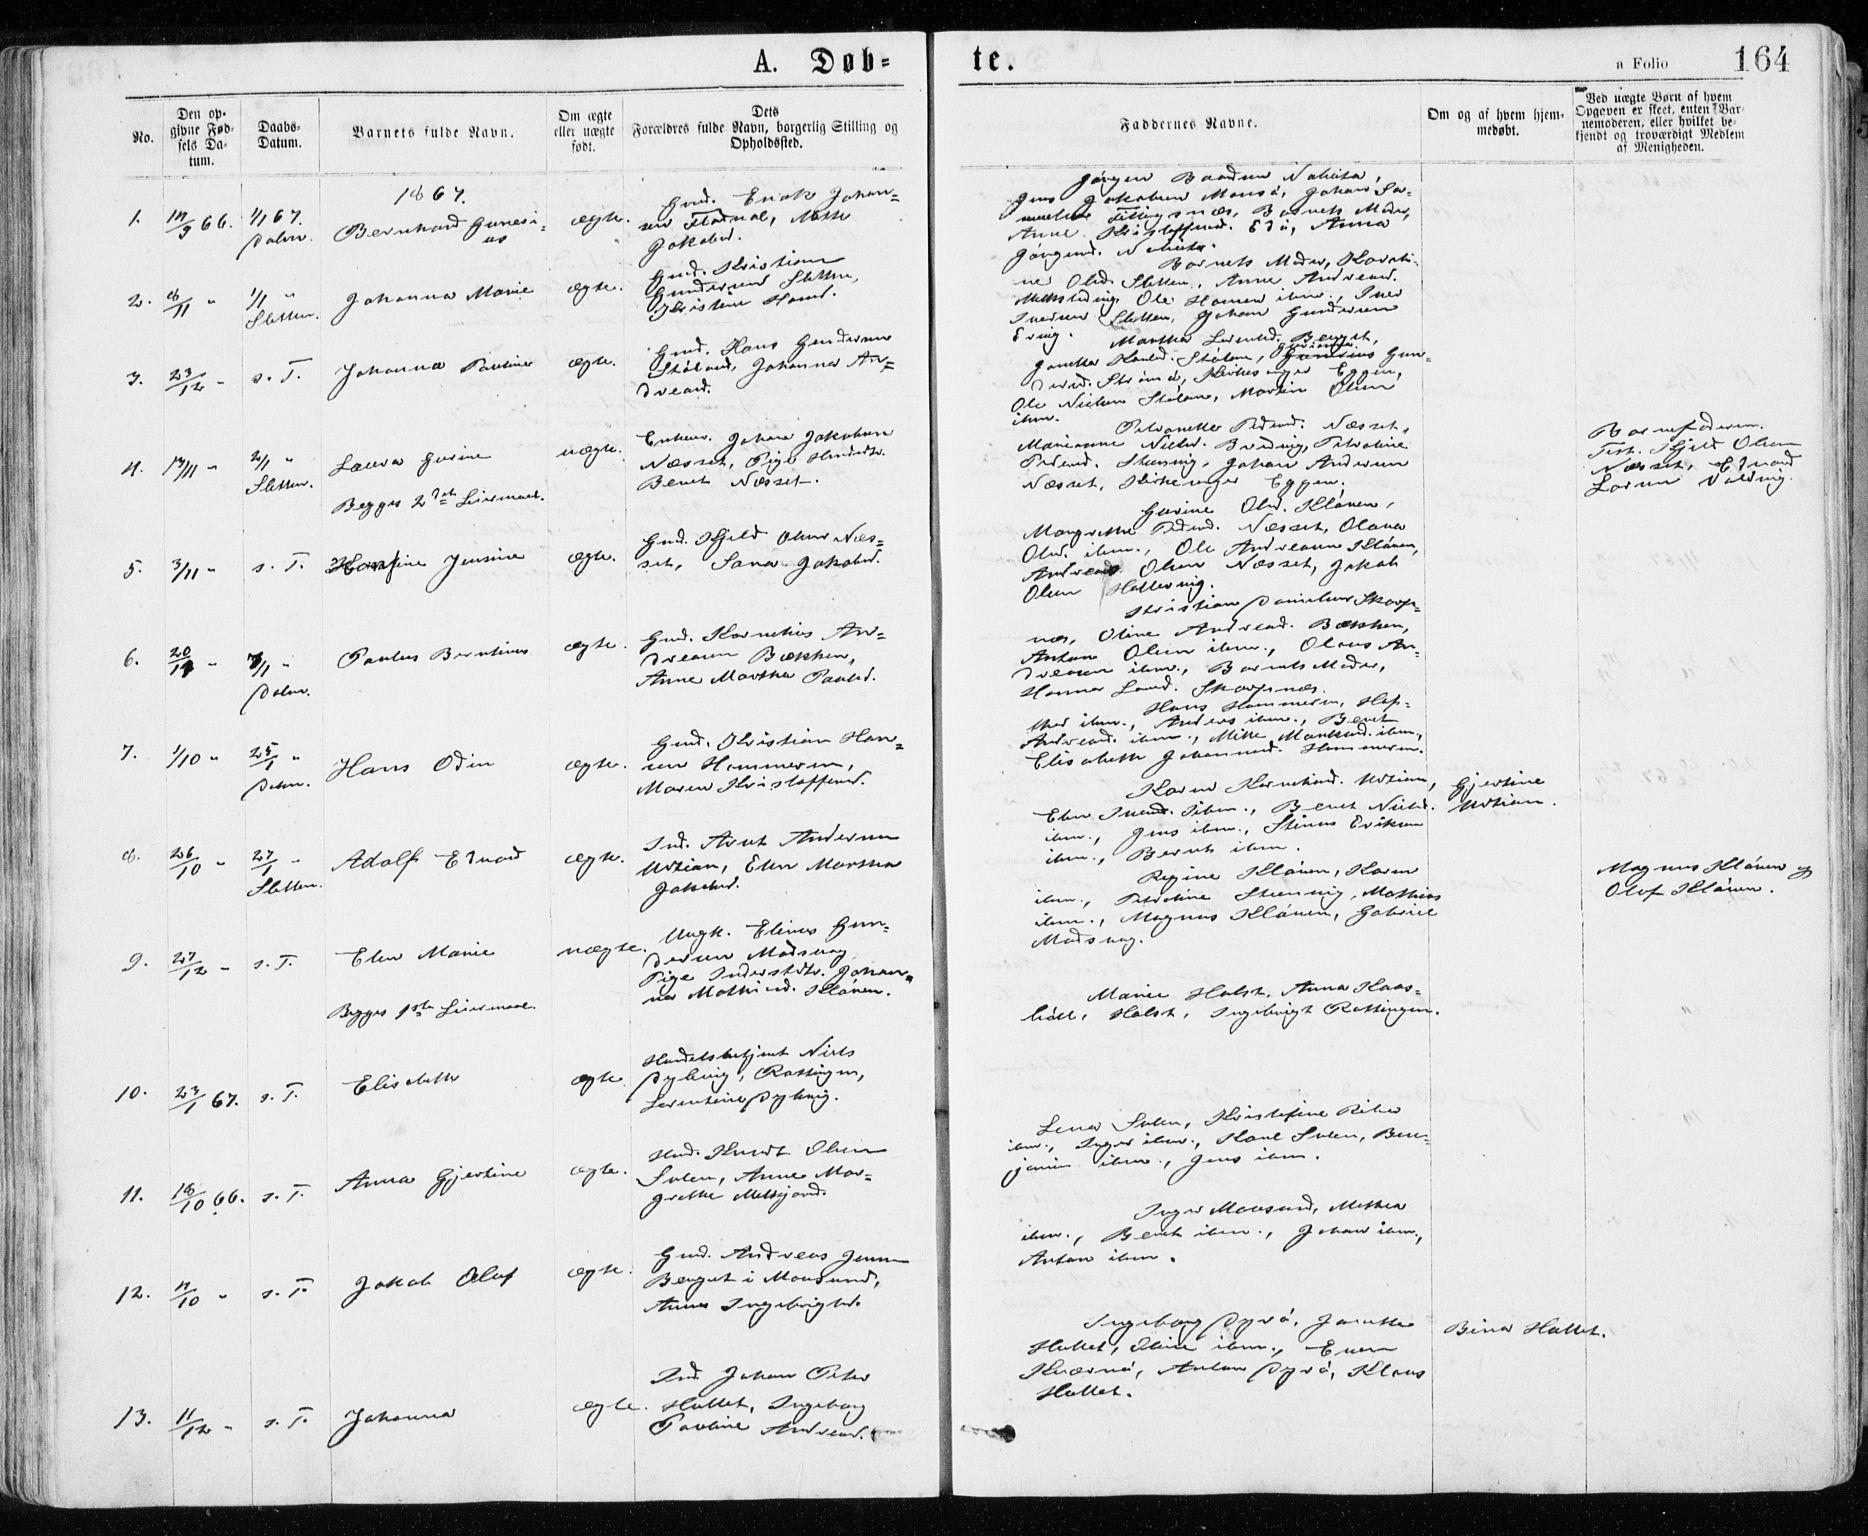 SAT, Ministerialprotokoller, klokkerbøker og fødselsregistre - Sør-Trøndelag, 640/L0576: Ministerialbok nr. 640A01, 1846-1876, s. 164